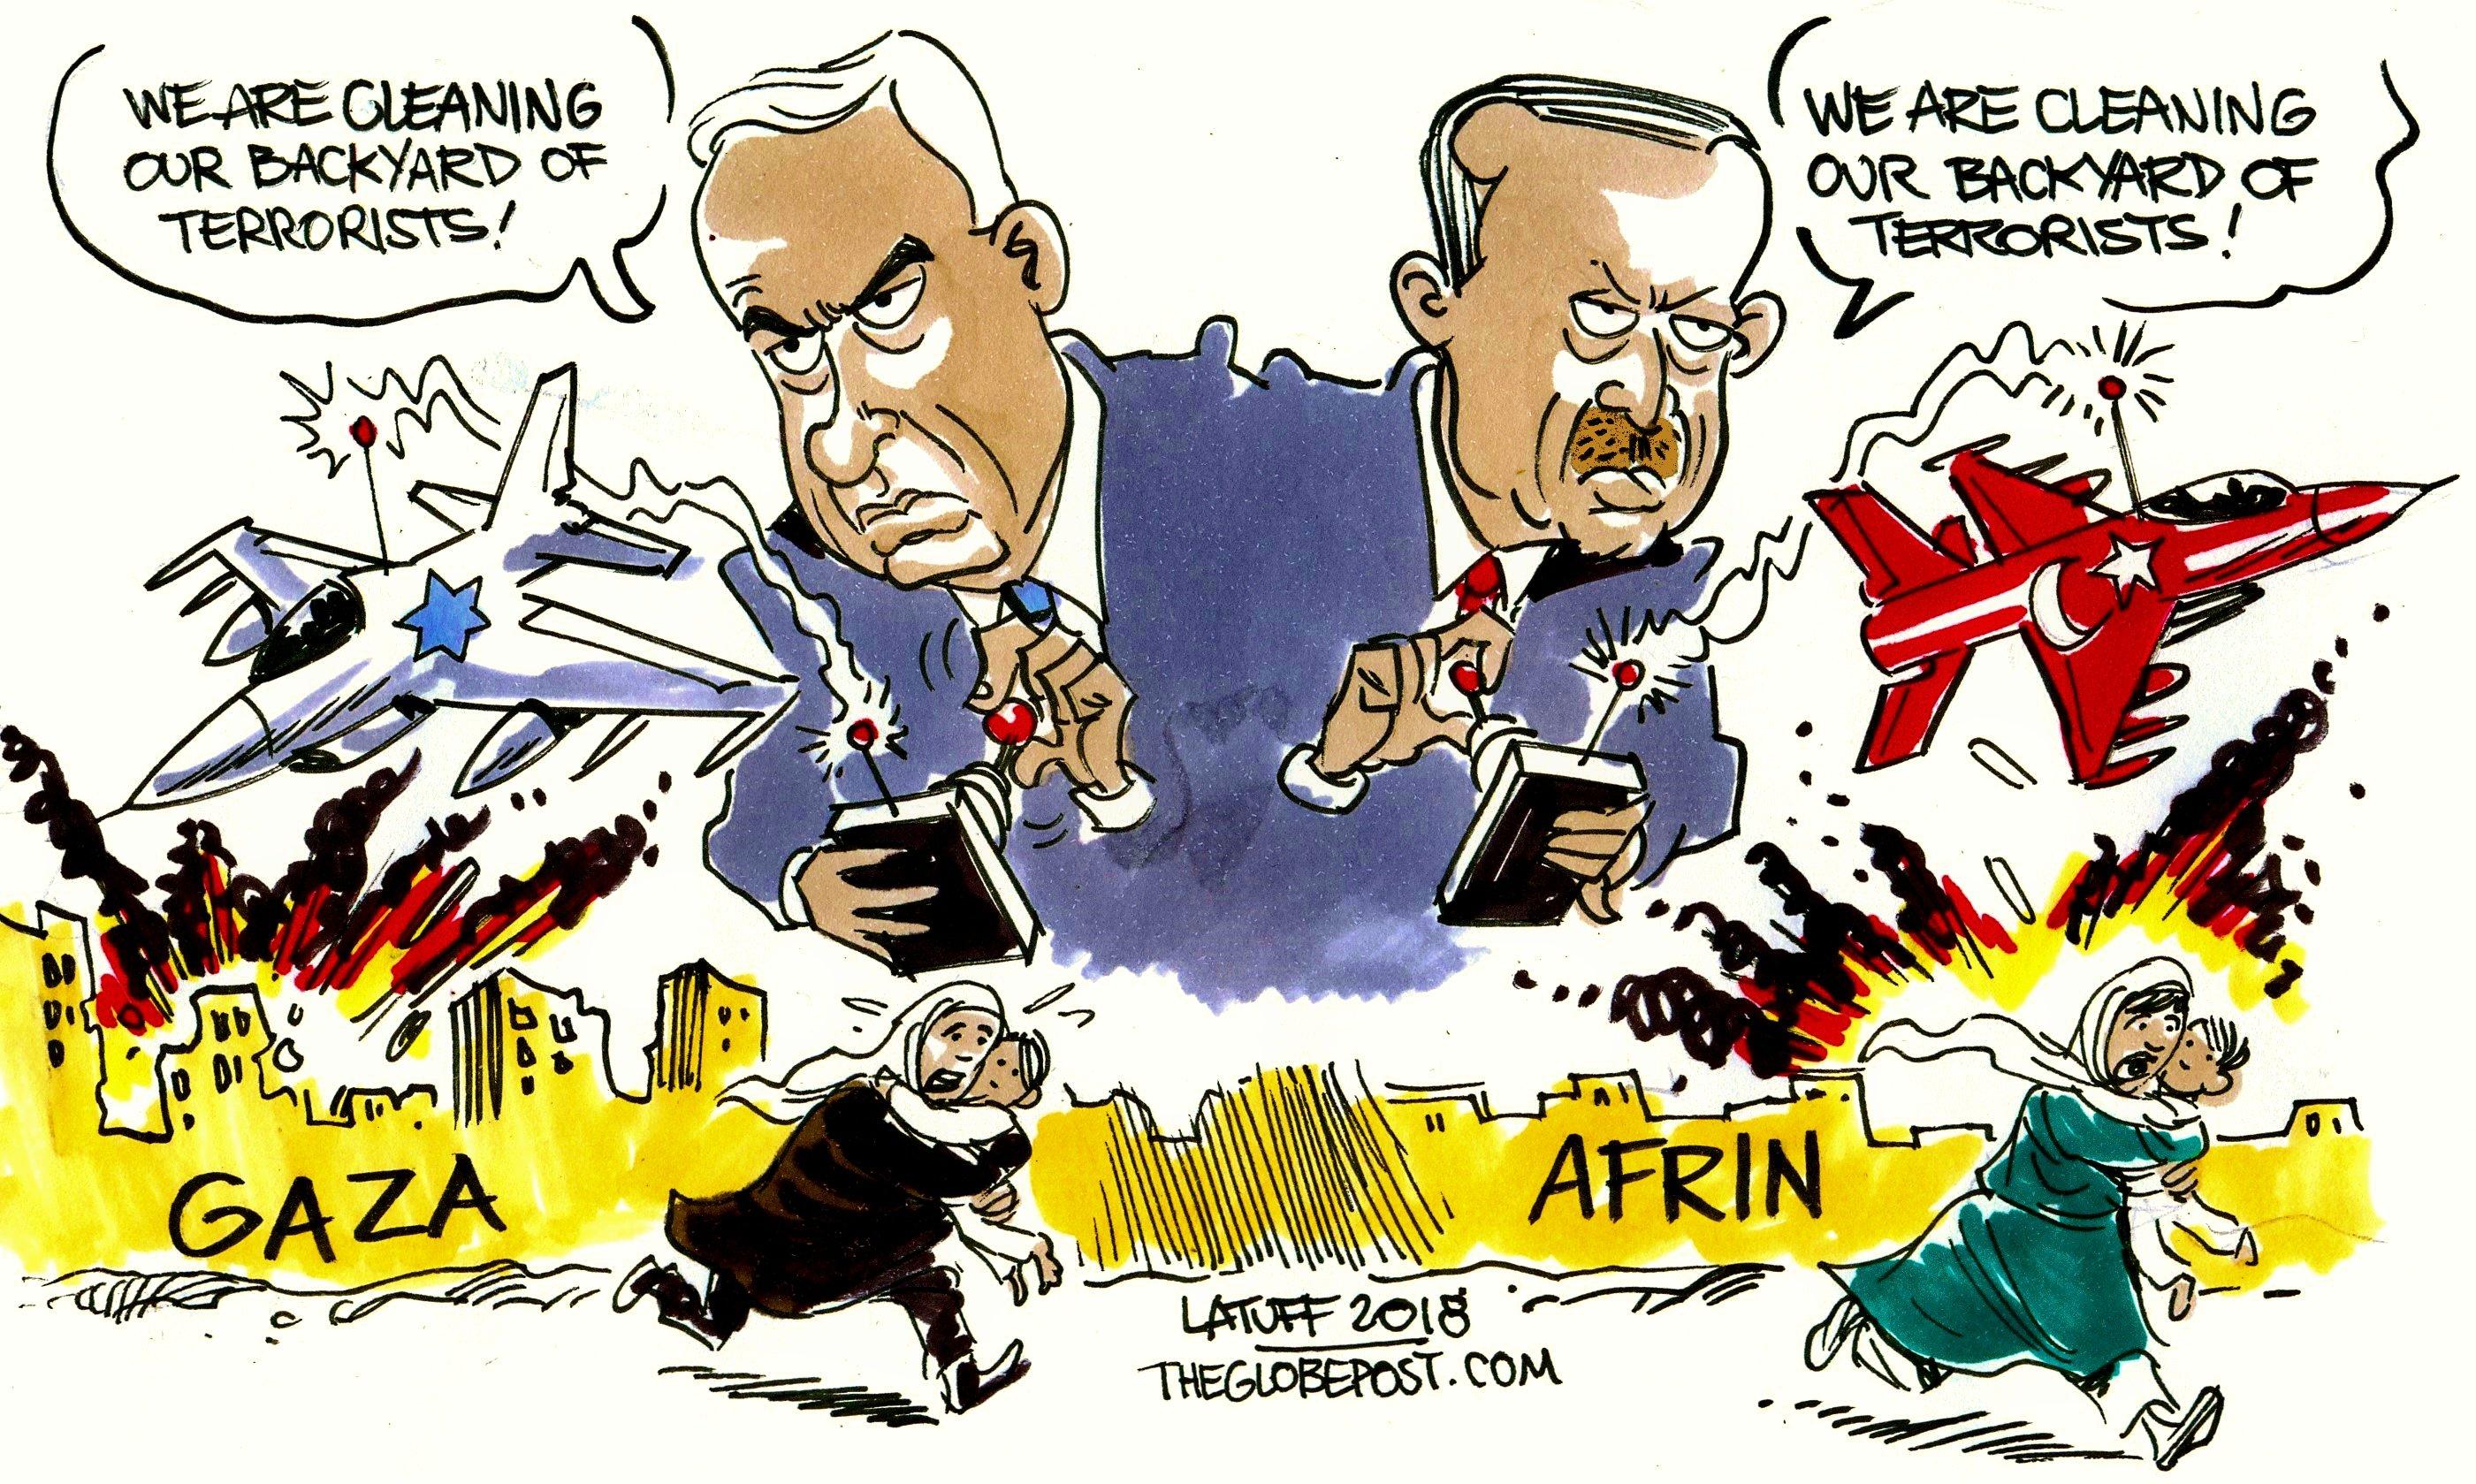 Turkiet backar om al assad